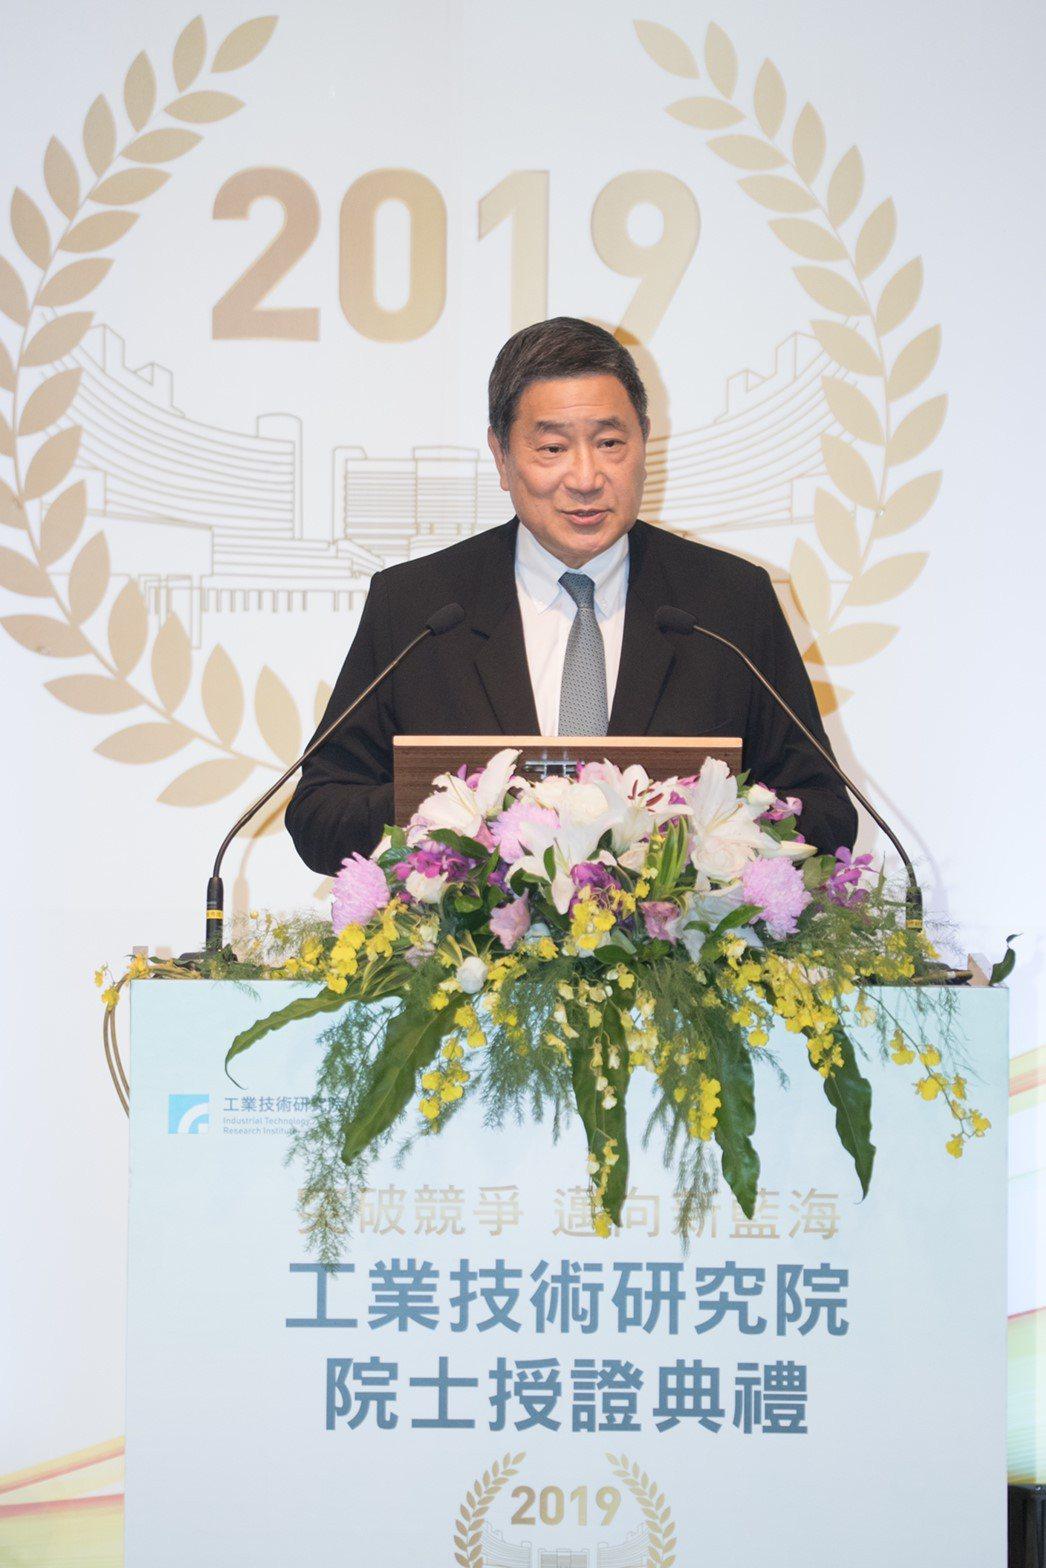 台泥董事長張安平獲頒工研院新科院士。(圖/台泥提供)